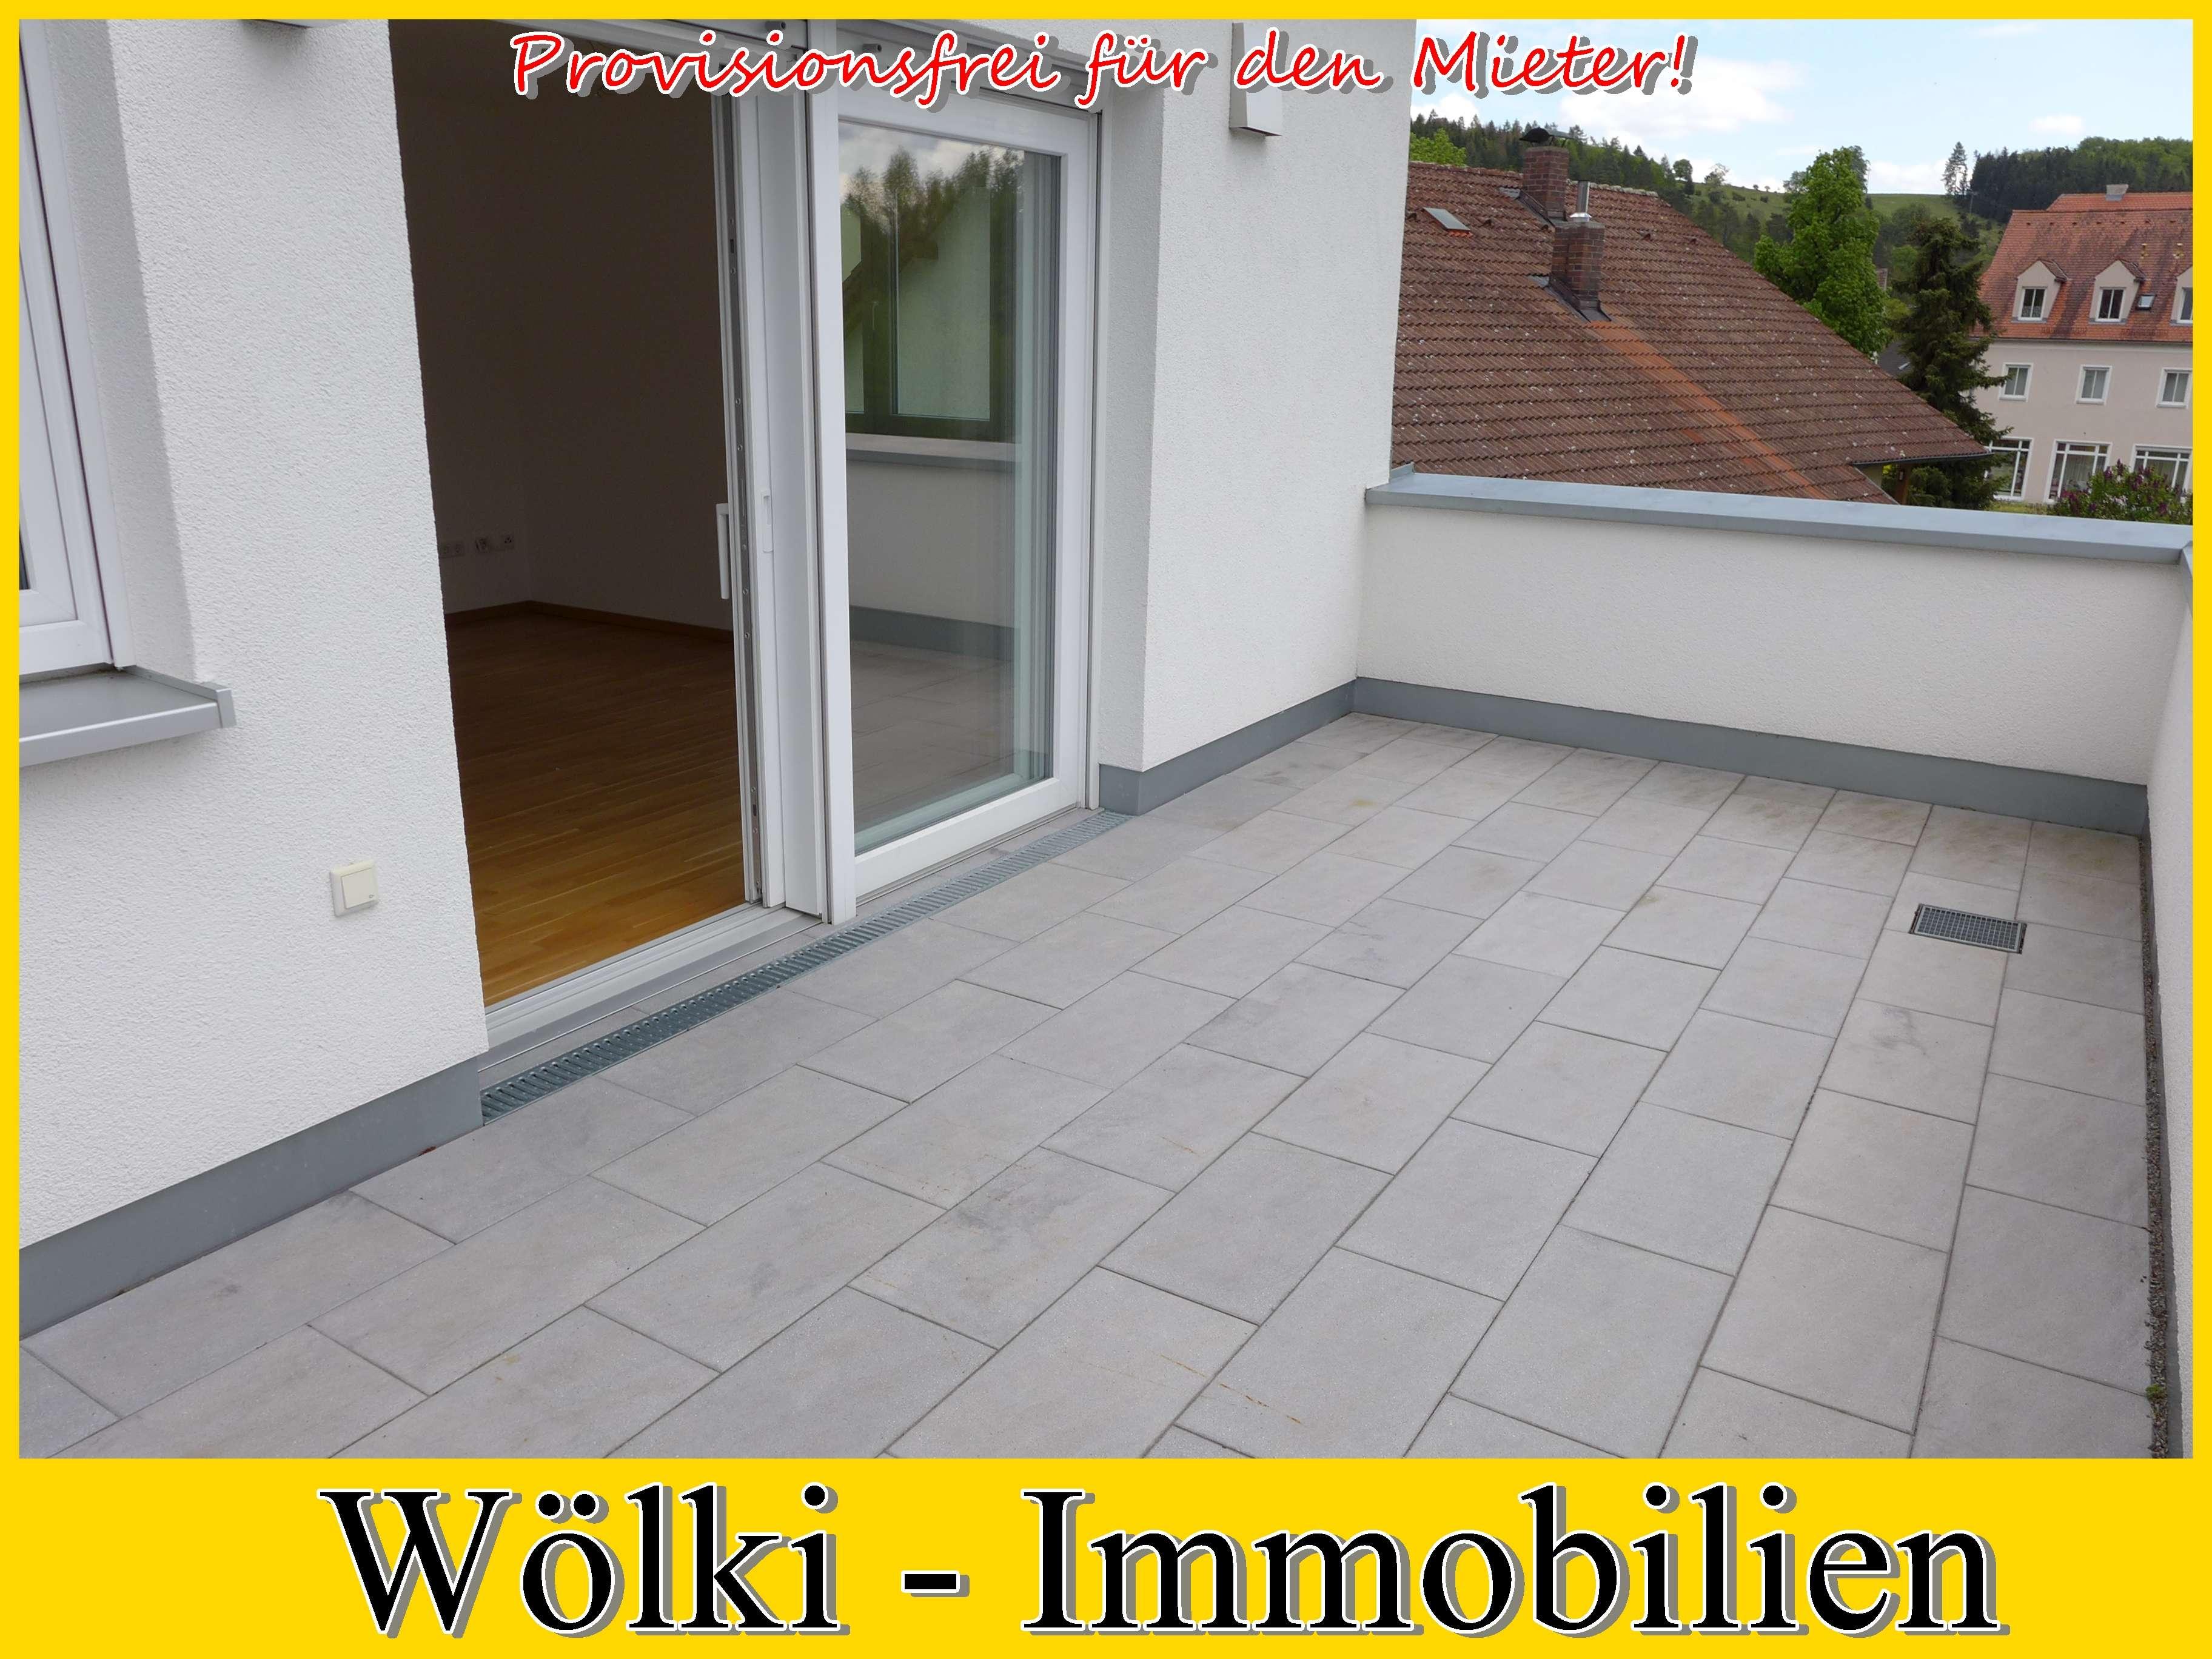 2 Zimmer - Wohnung mit hochwertige Ausstattung und mit großer Dachterrasse